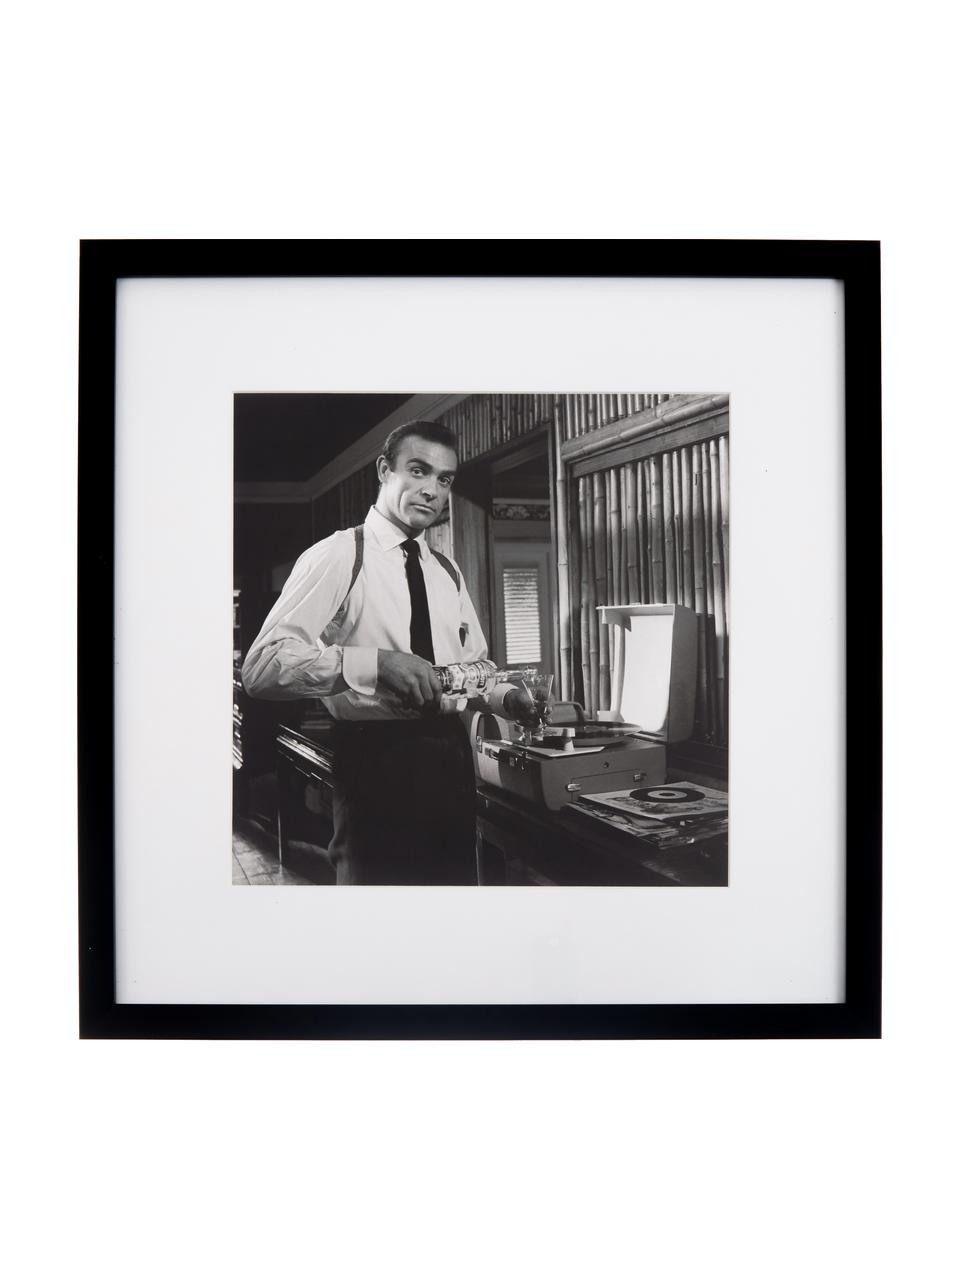 Gerahmter Digitaldruck Connery, Bild: Digitaldruck, Rahmen: Kunststoff, Front: Glas, Bild: Schwarz, Weiß Rahmen: Schwarz, 40 x 40 cm